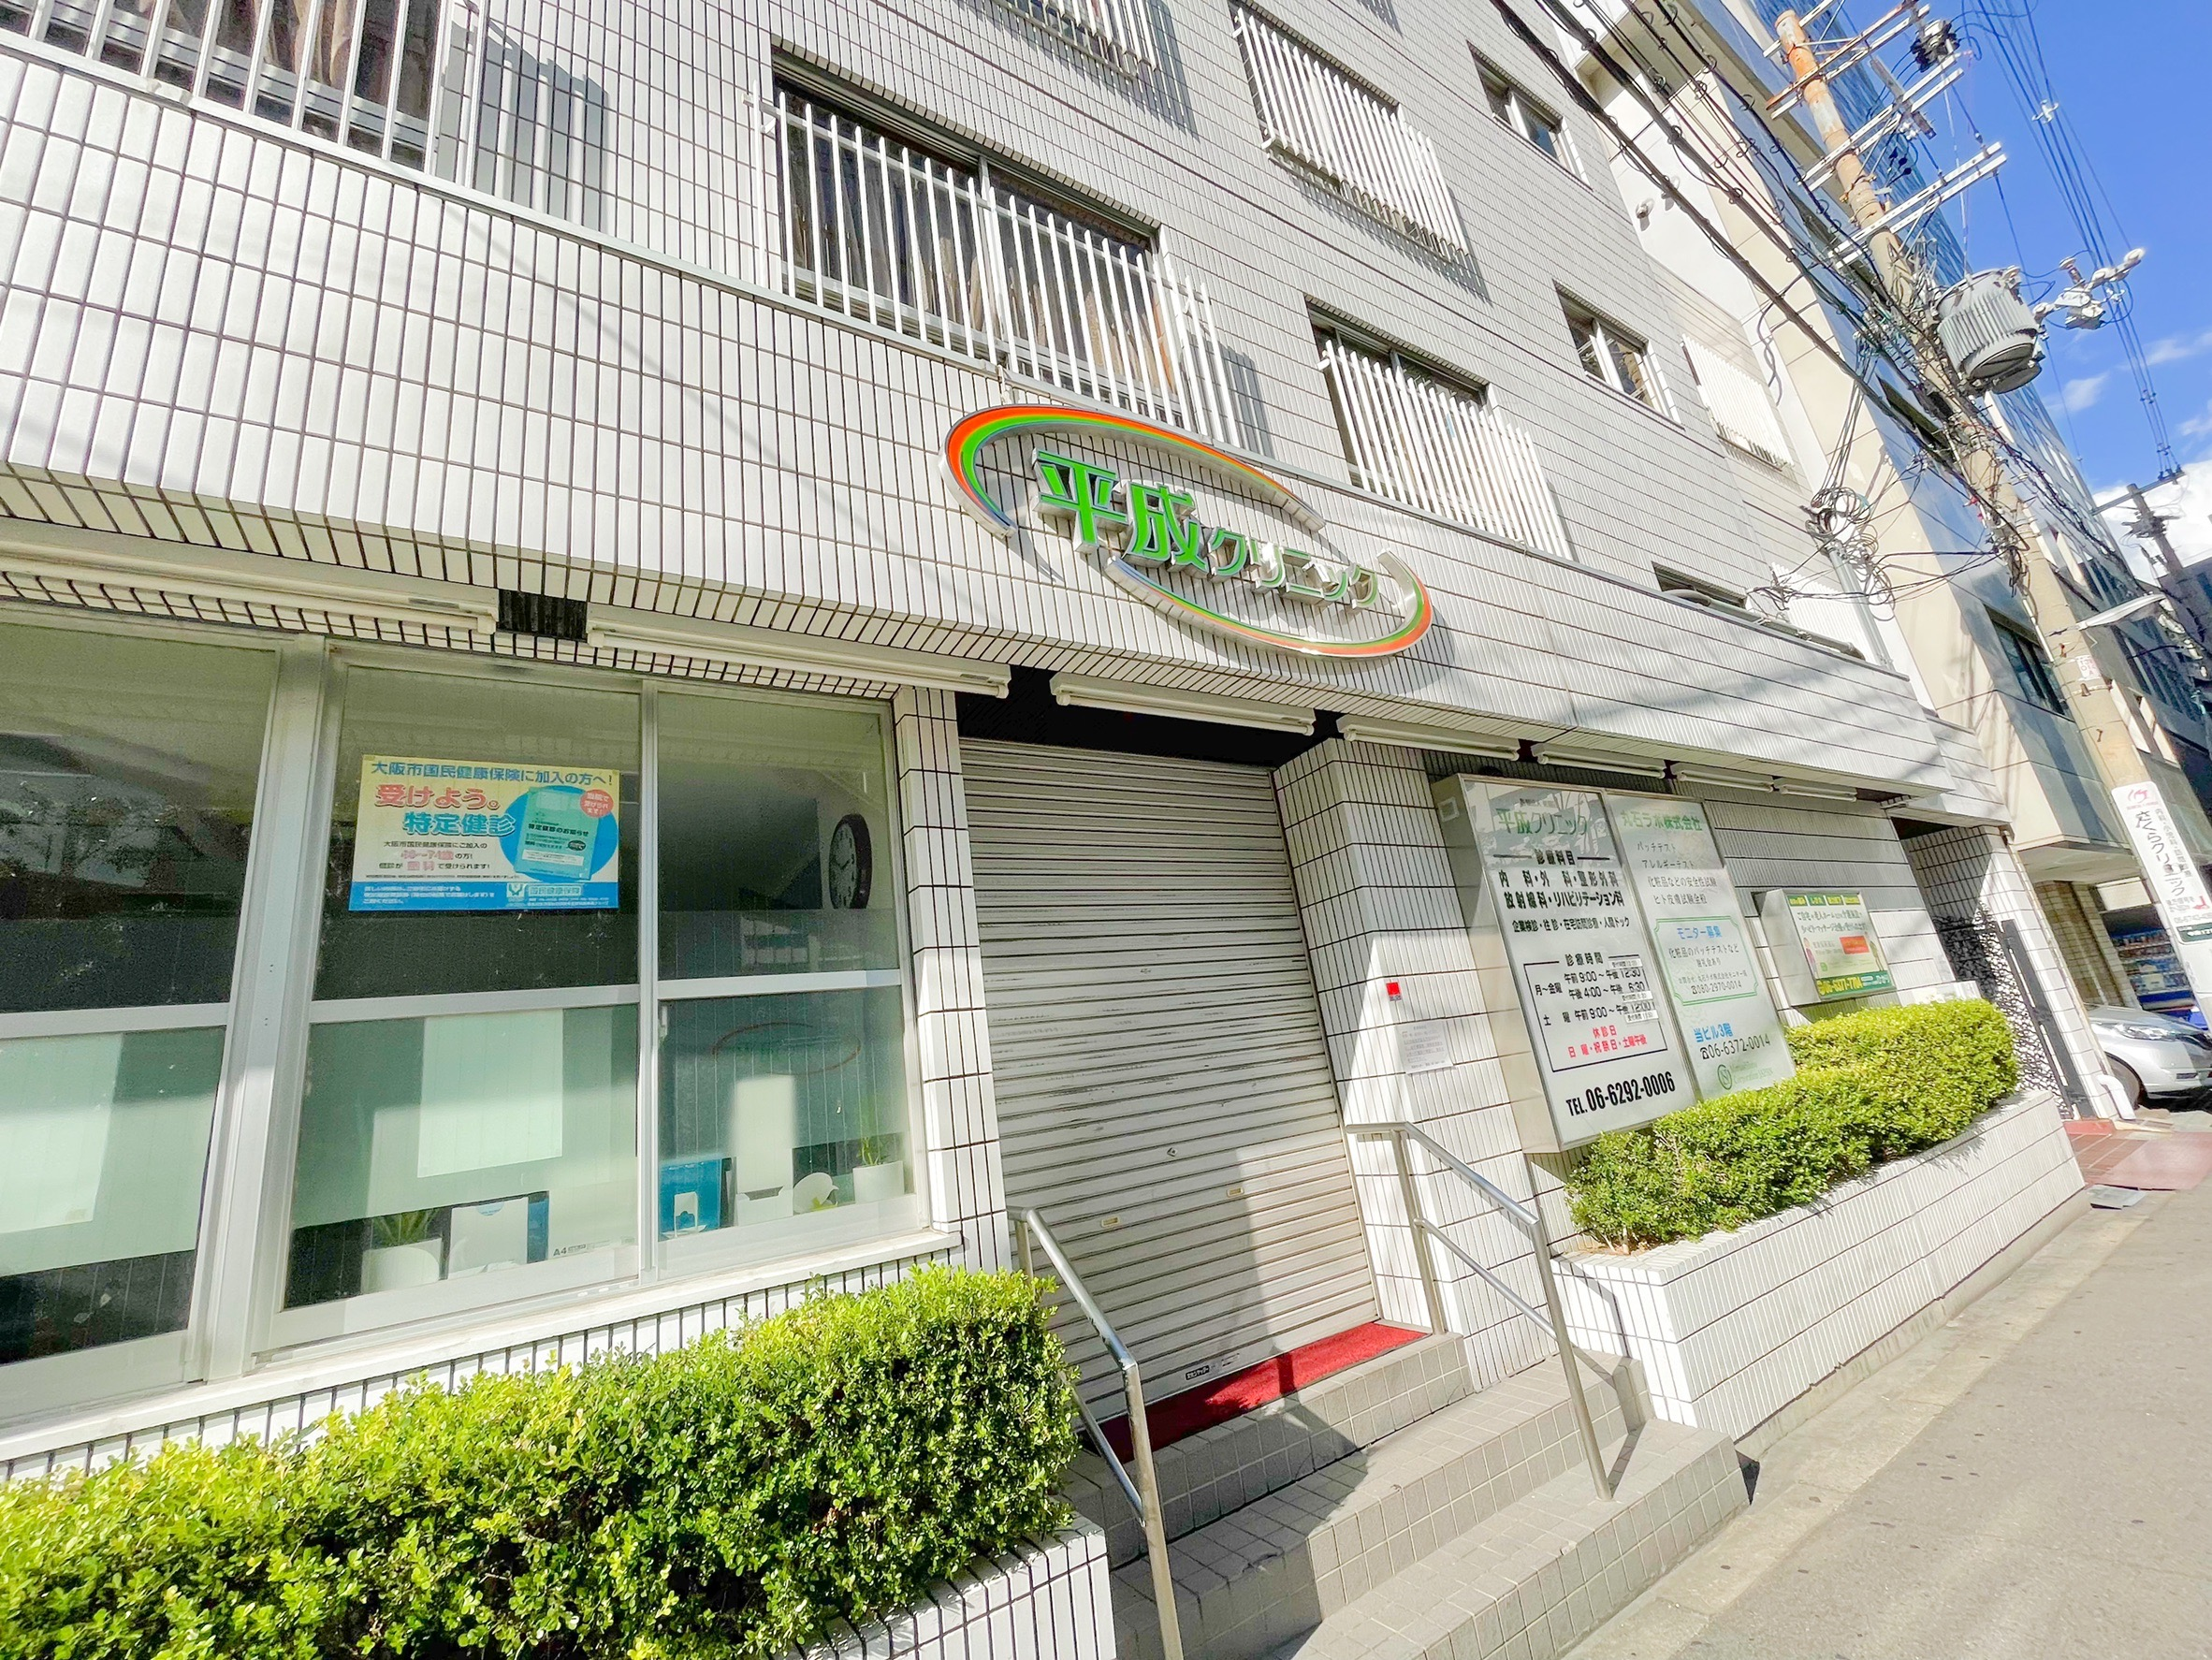 平成クリニック 徒歩6分 宅都プロパティ大阪学生向けマンション総合サイト studentroom